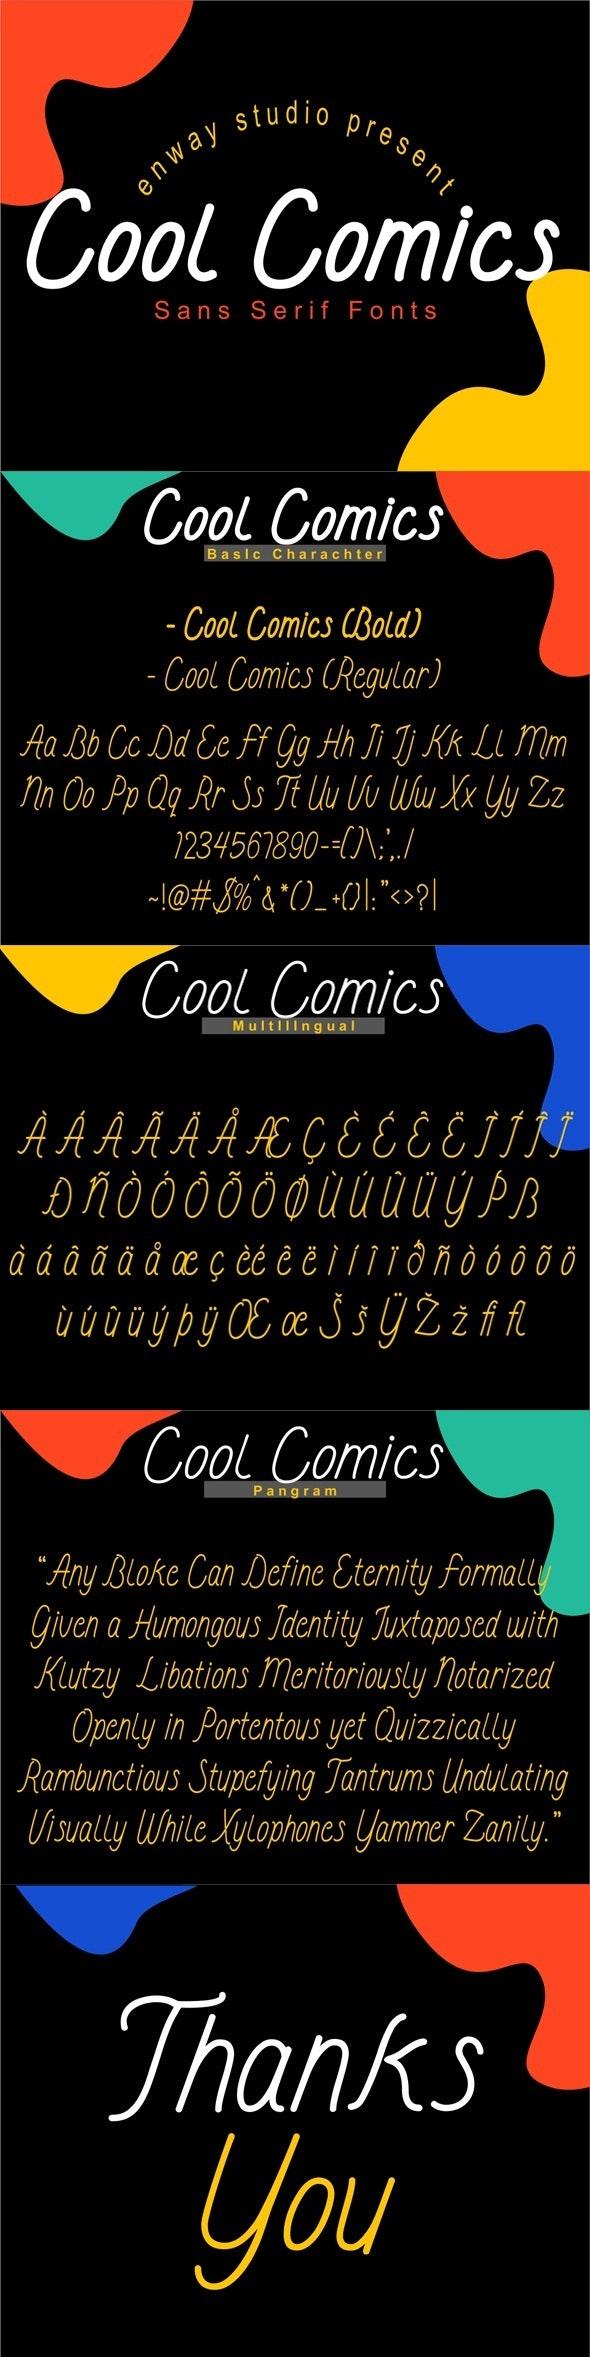 Cool Comics - Comic Decorative